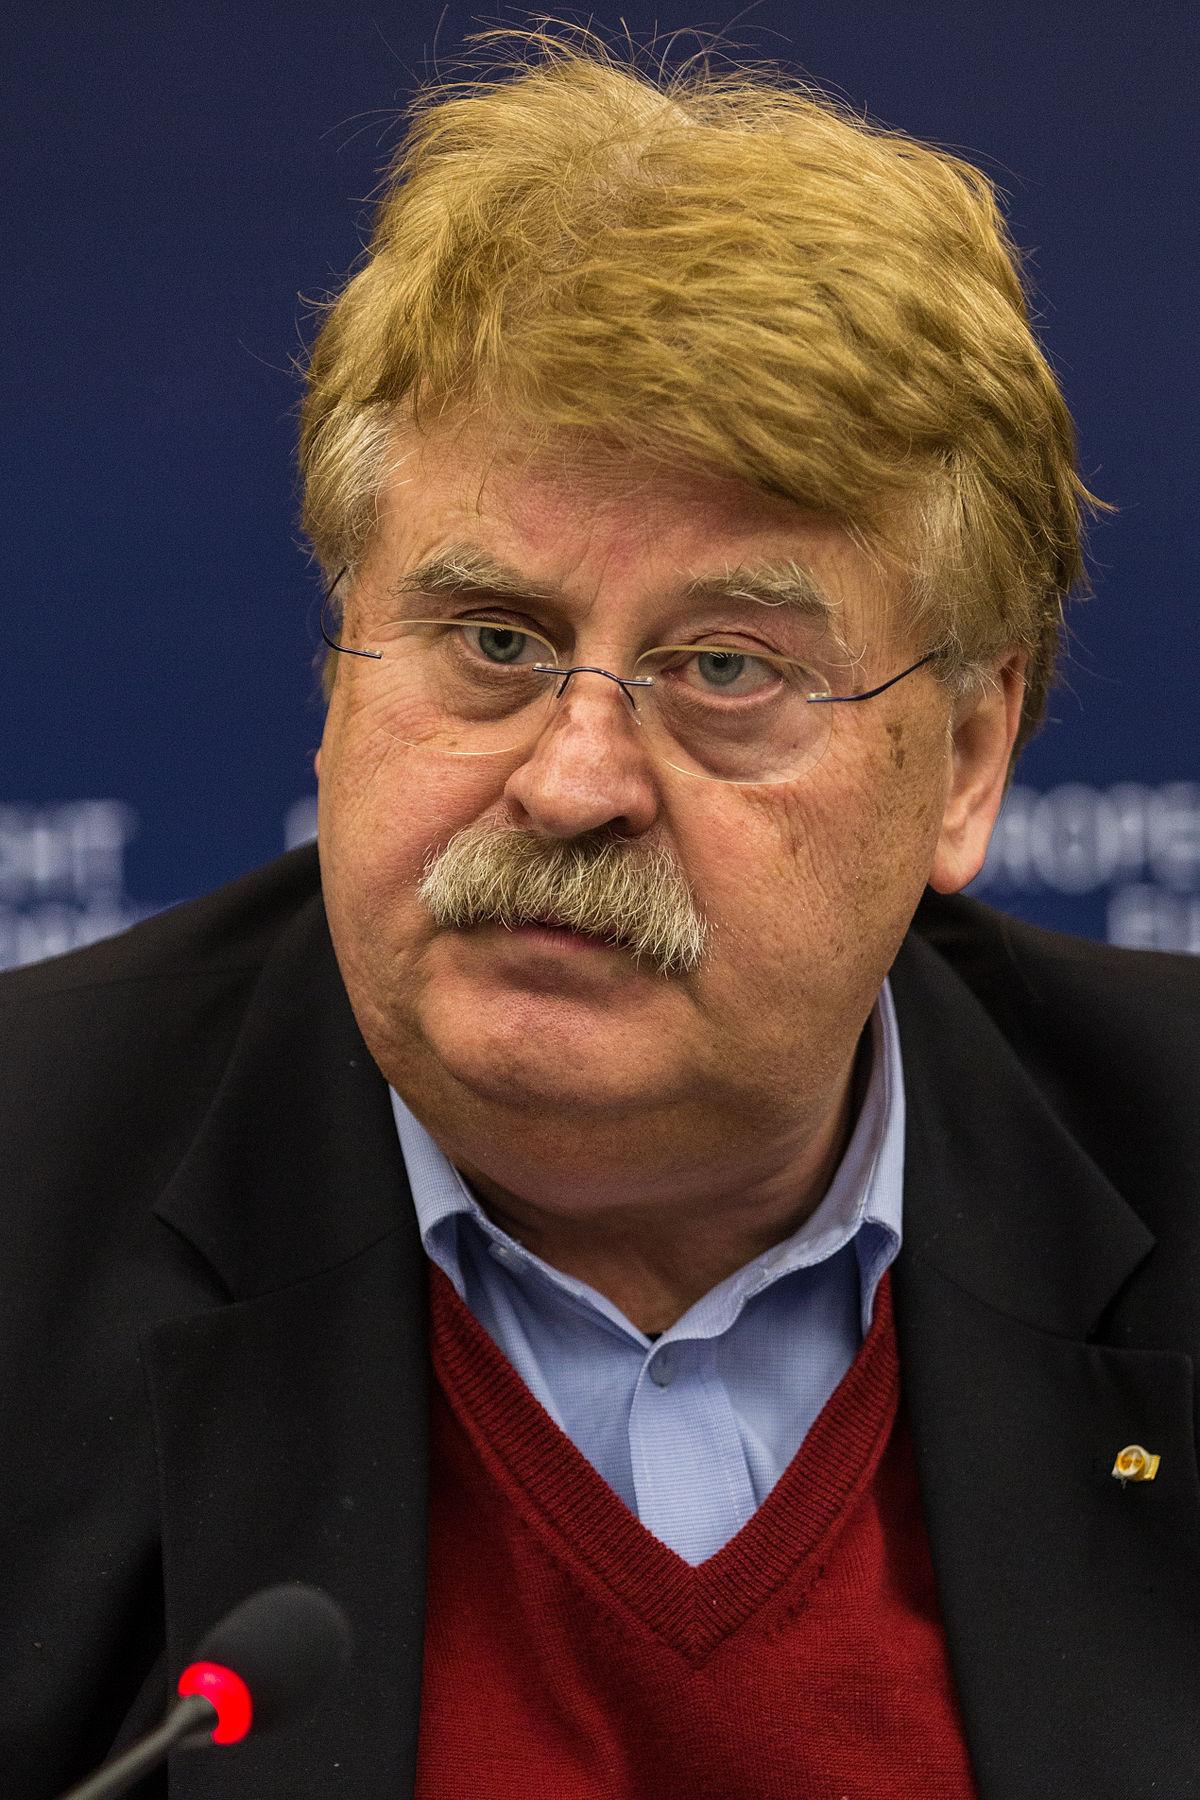 Elmar Brok Wikipedia